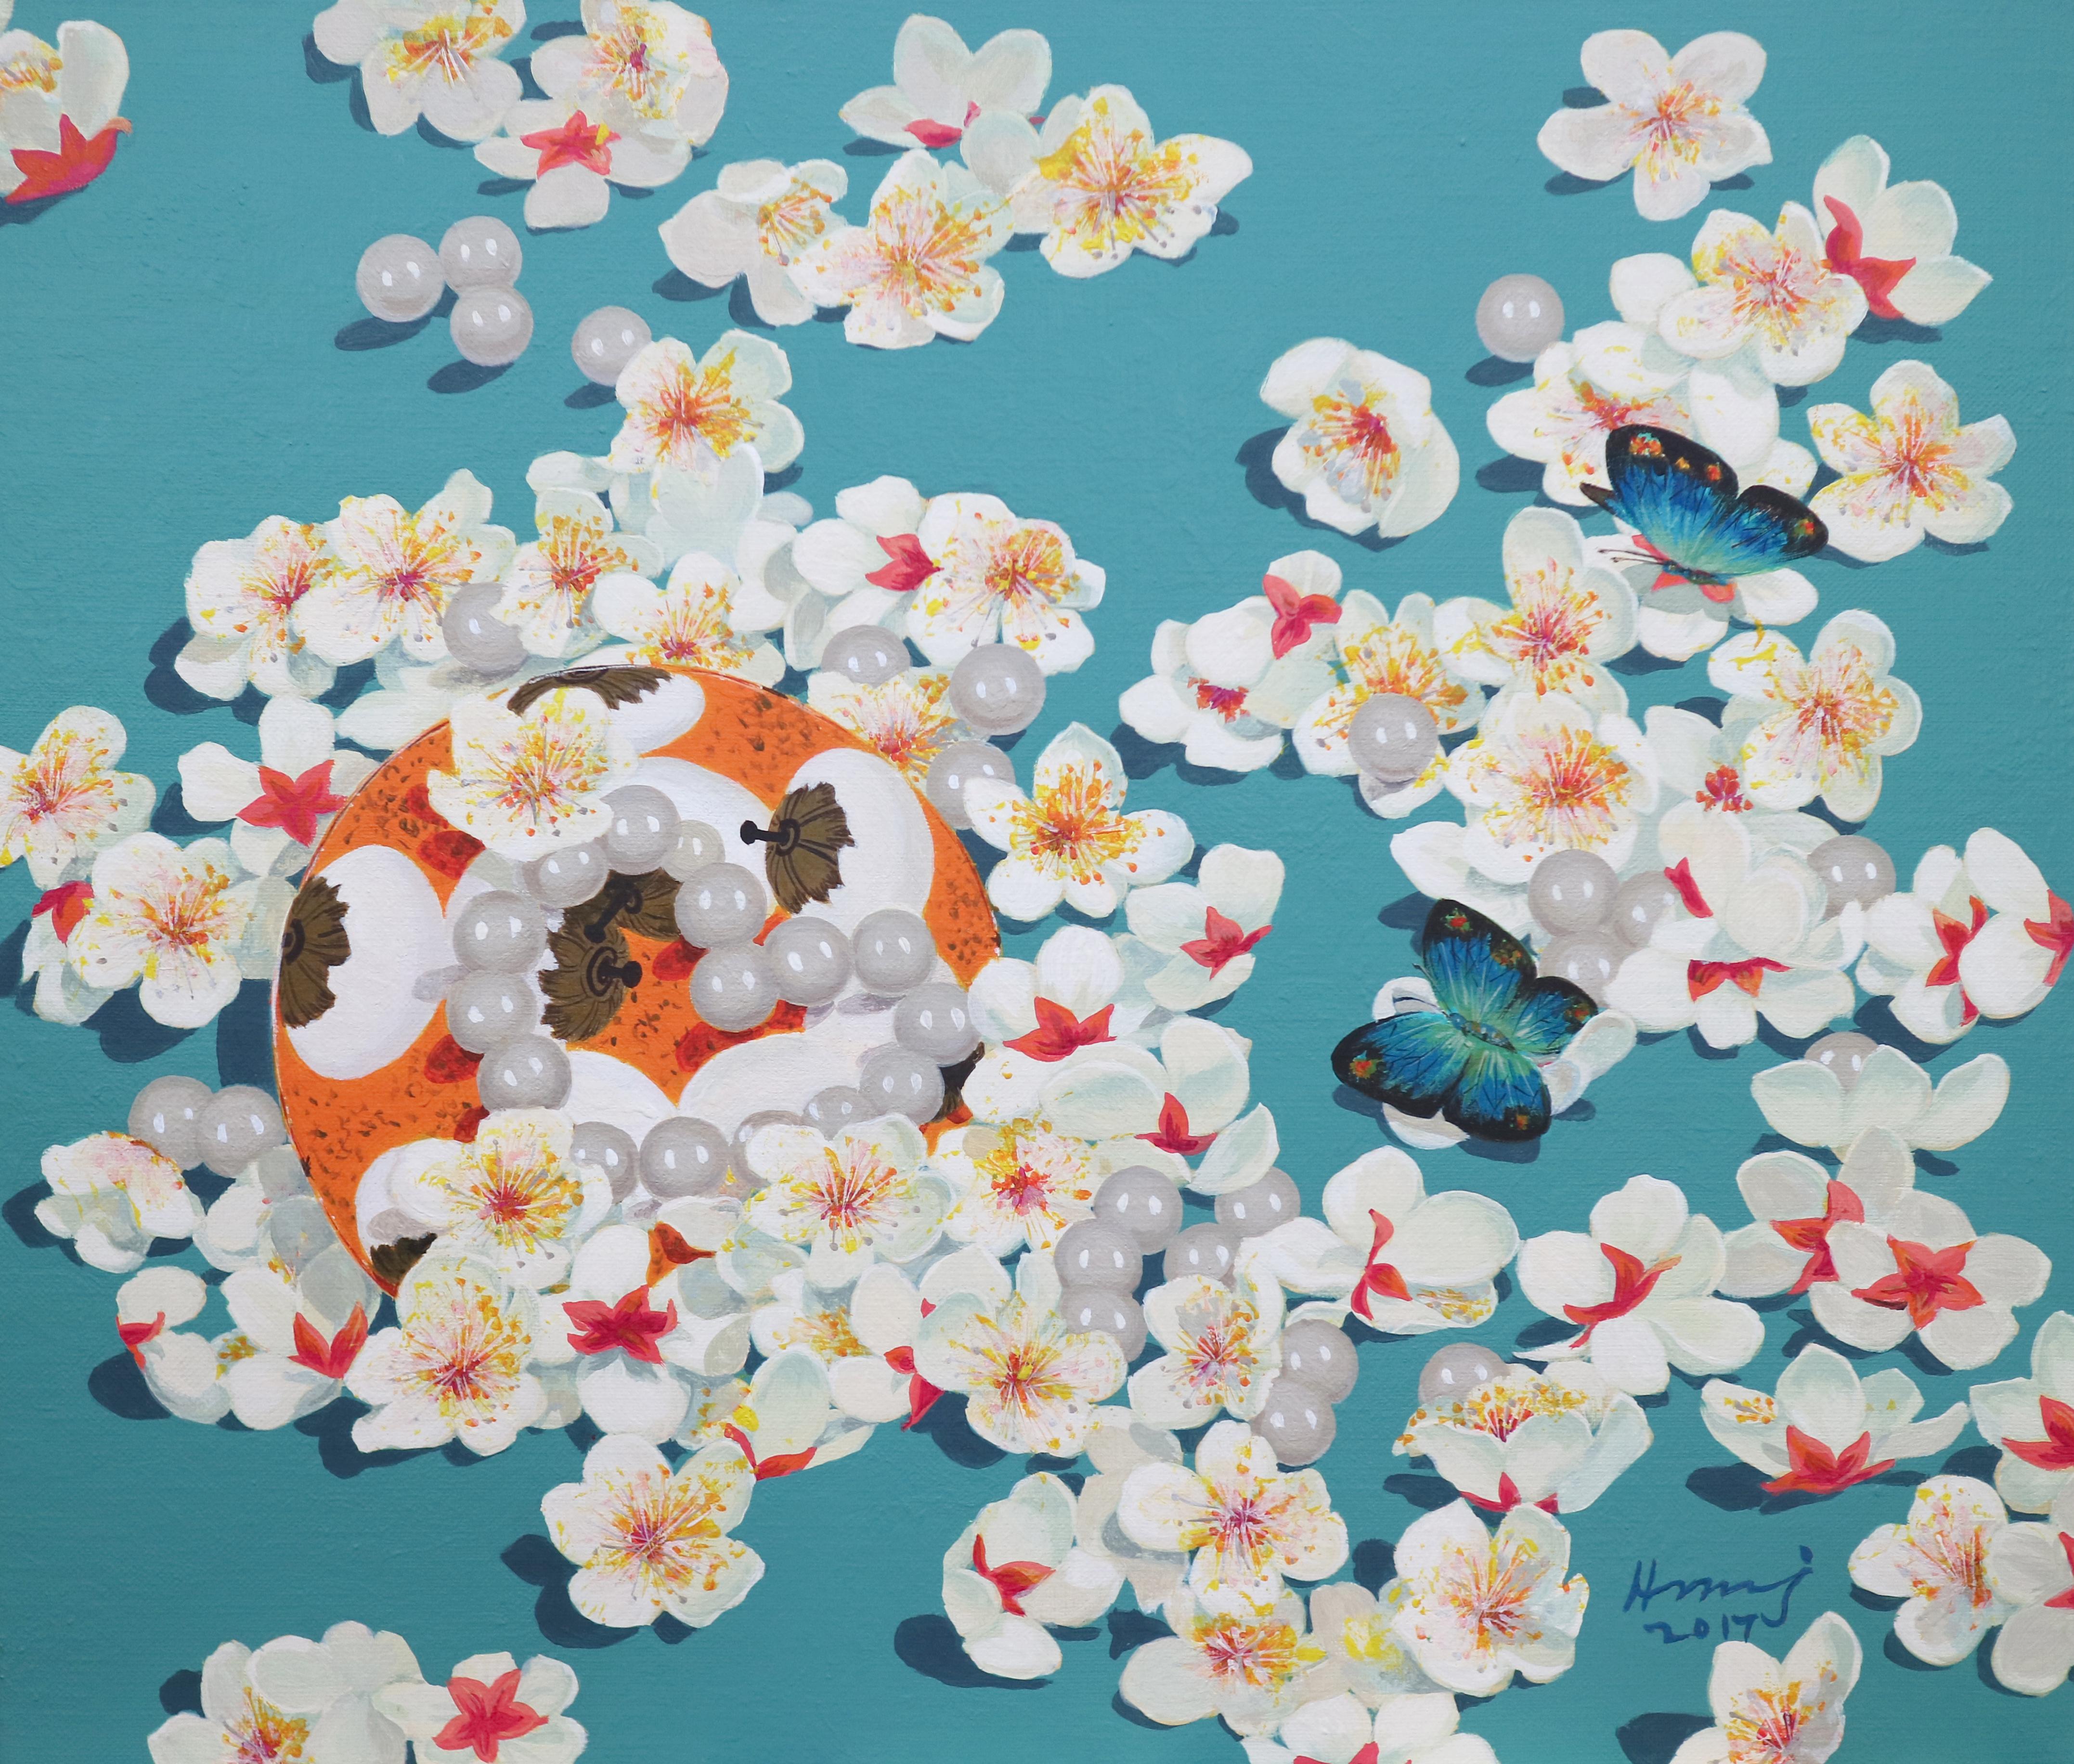 황미정 001 맑은 사랑 45.5x53cm Acrylic on canvas 2017